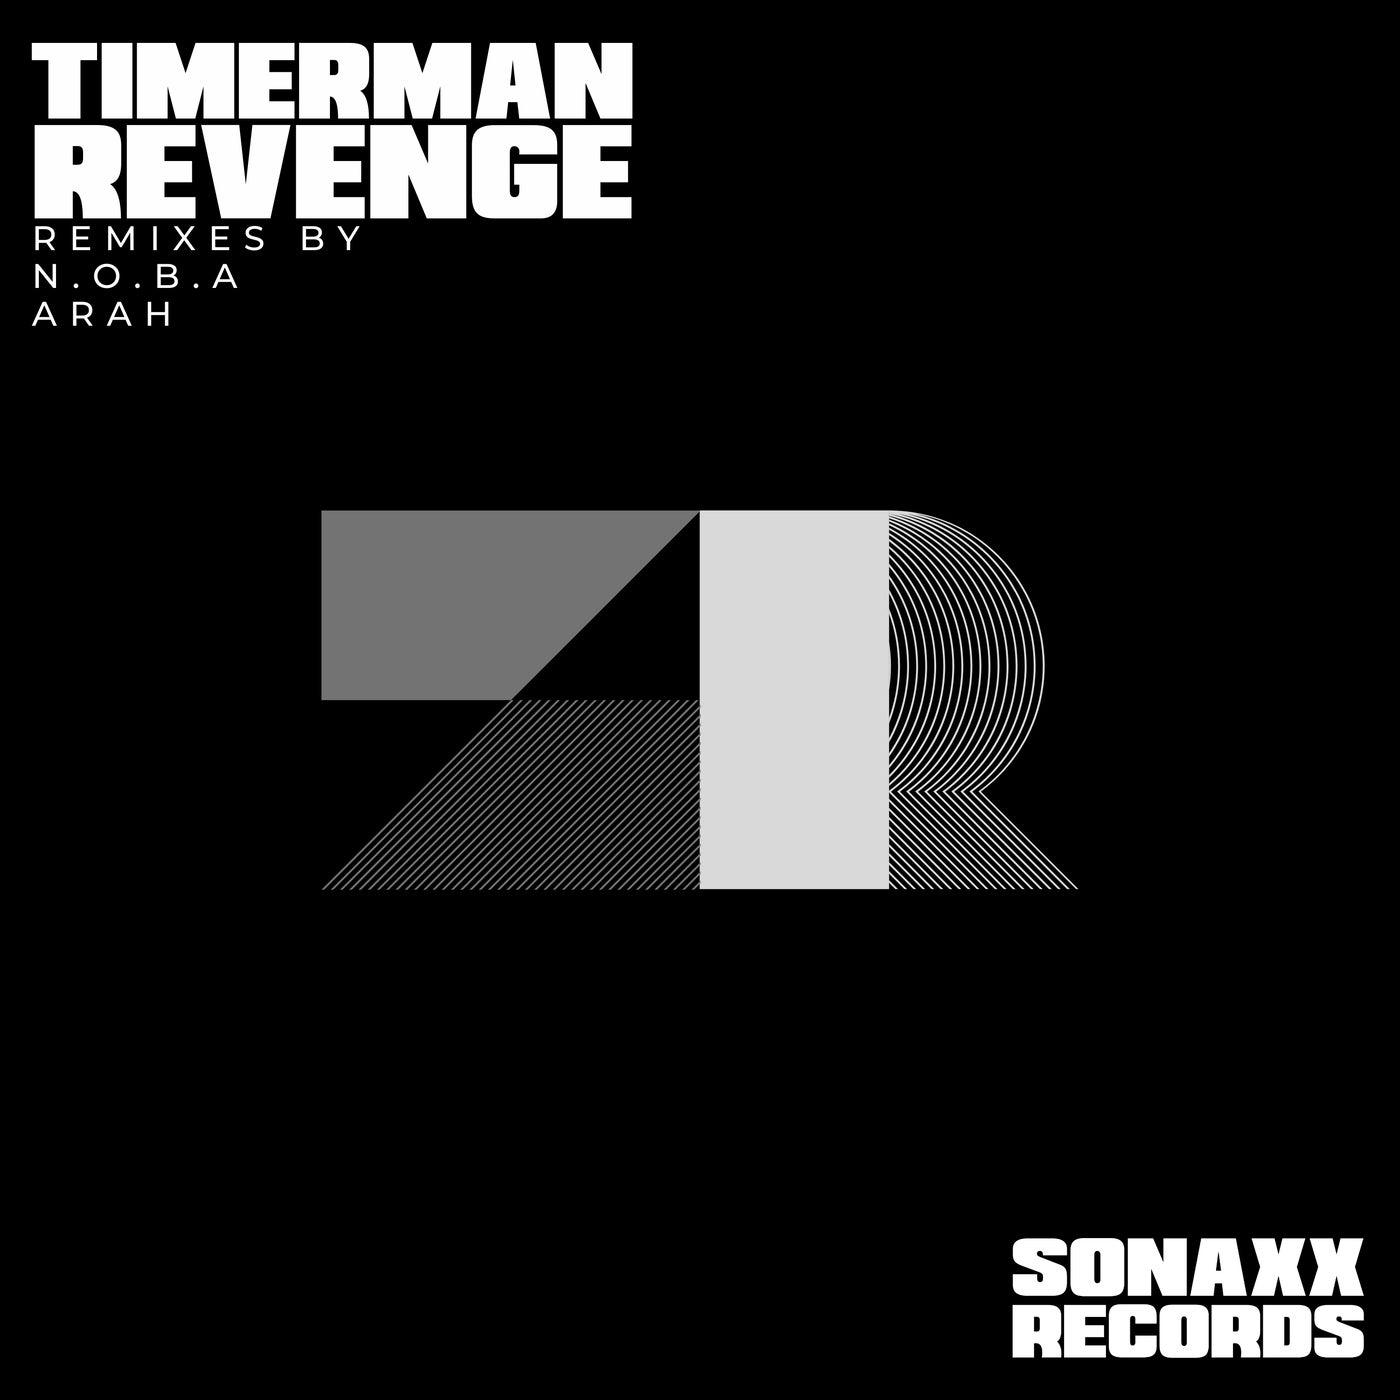 Revenge (N.O.B.A Remix)